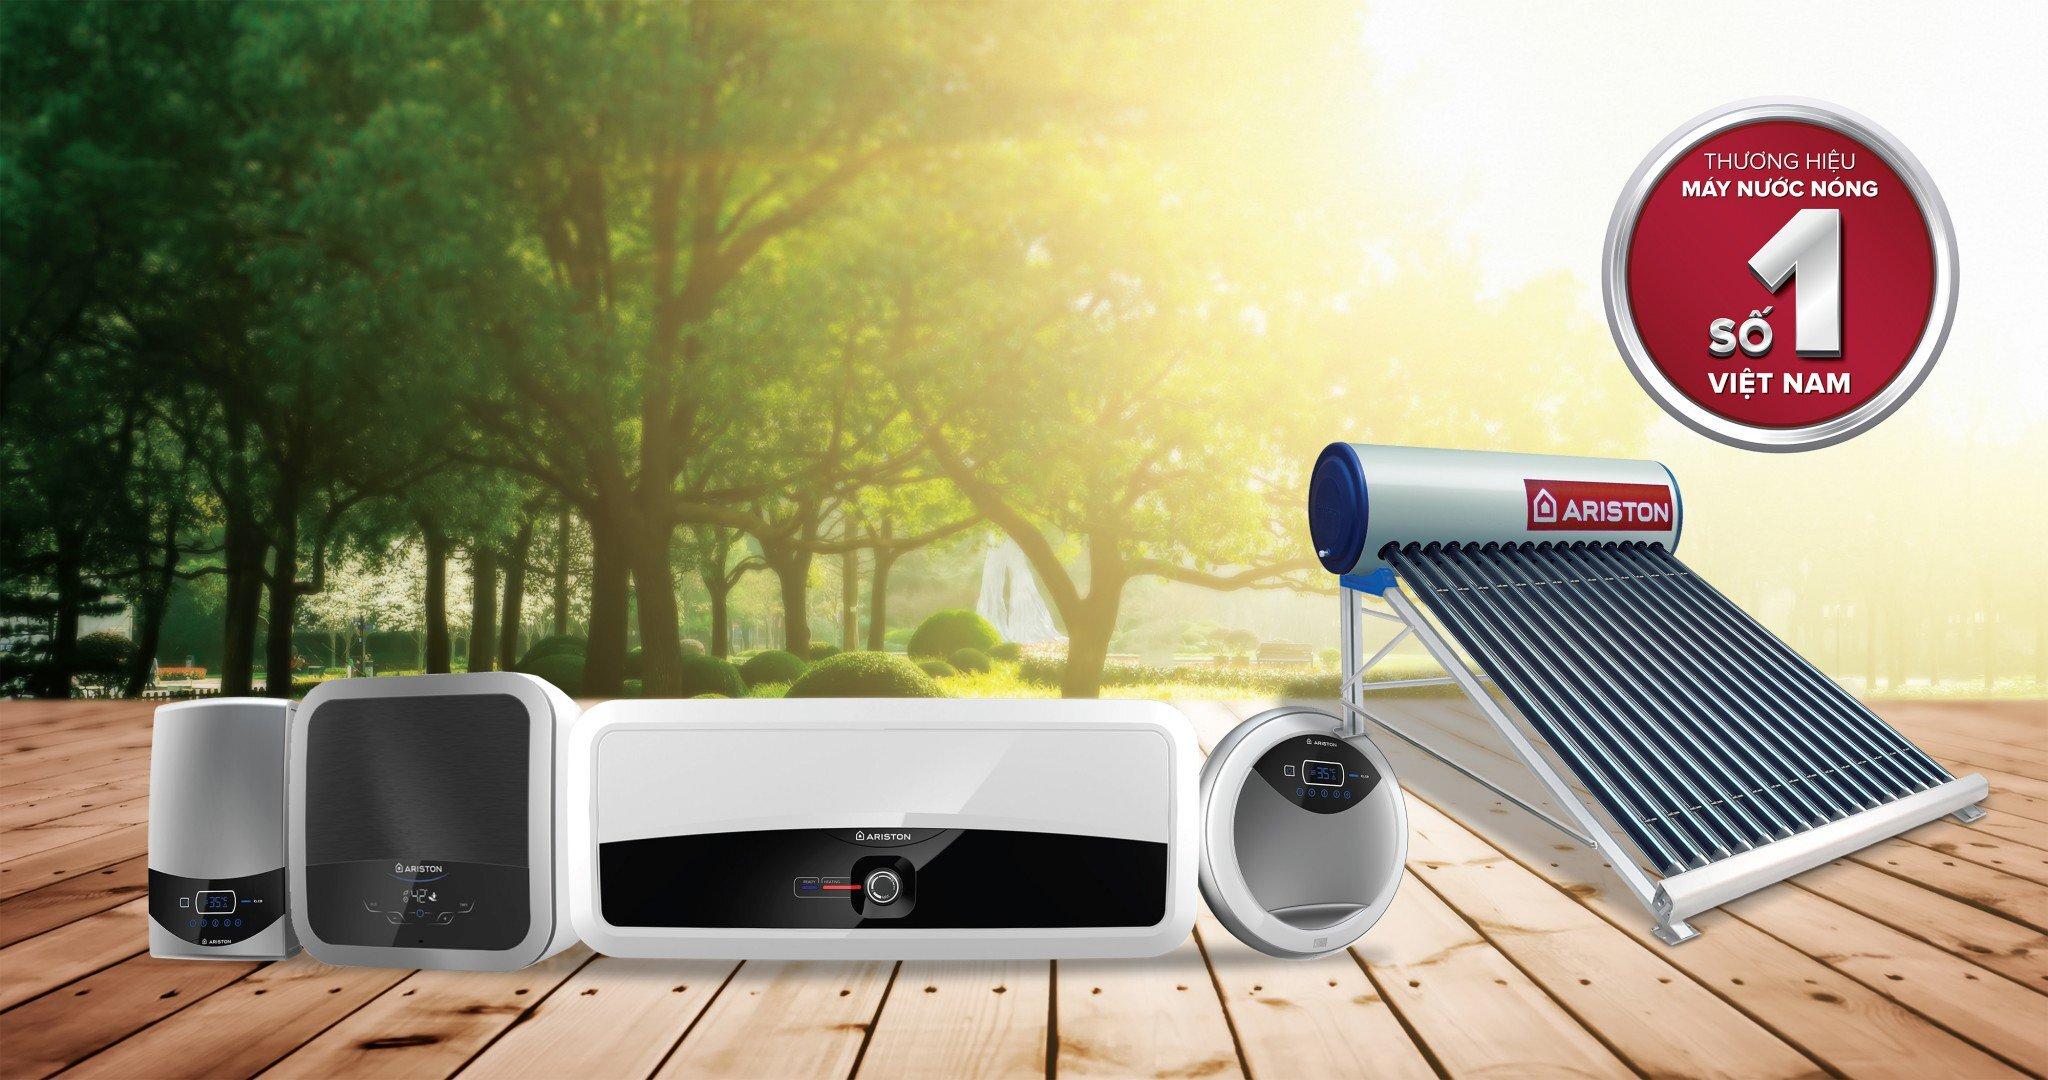 Các dòng sản phẩm máy nước nóng Ariston